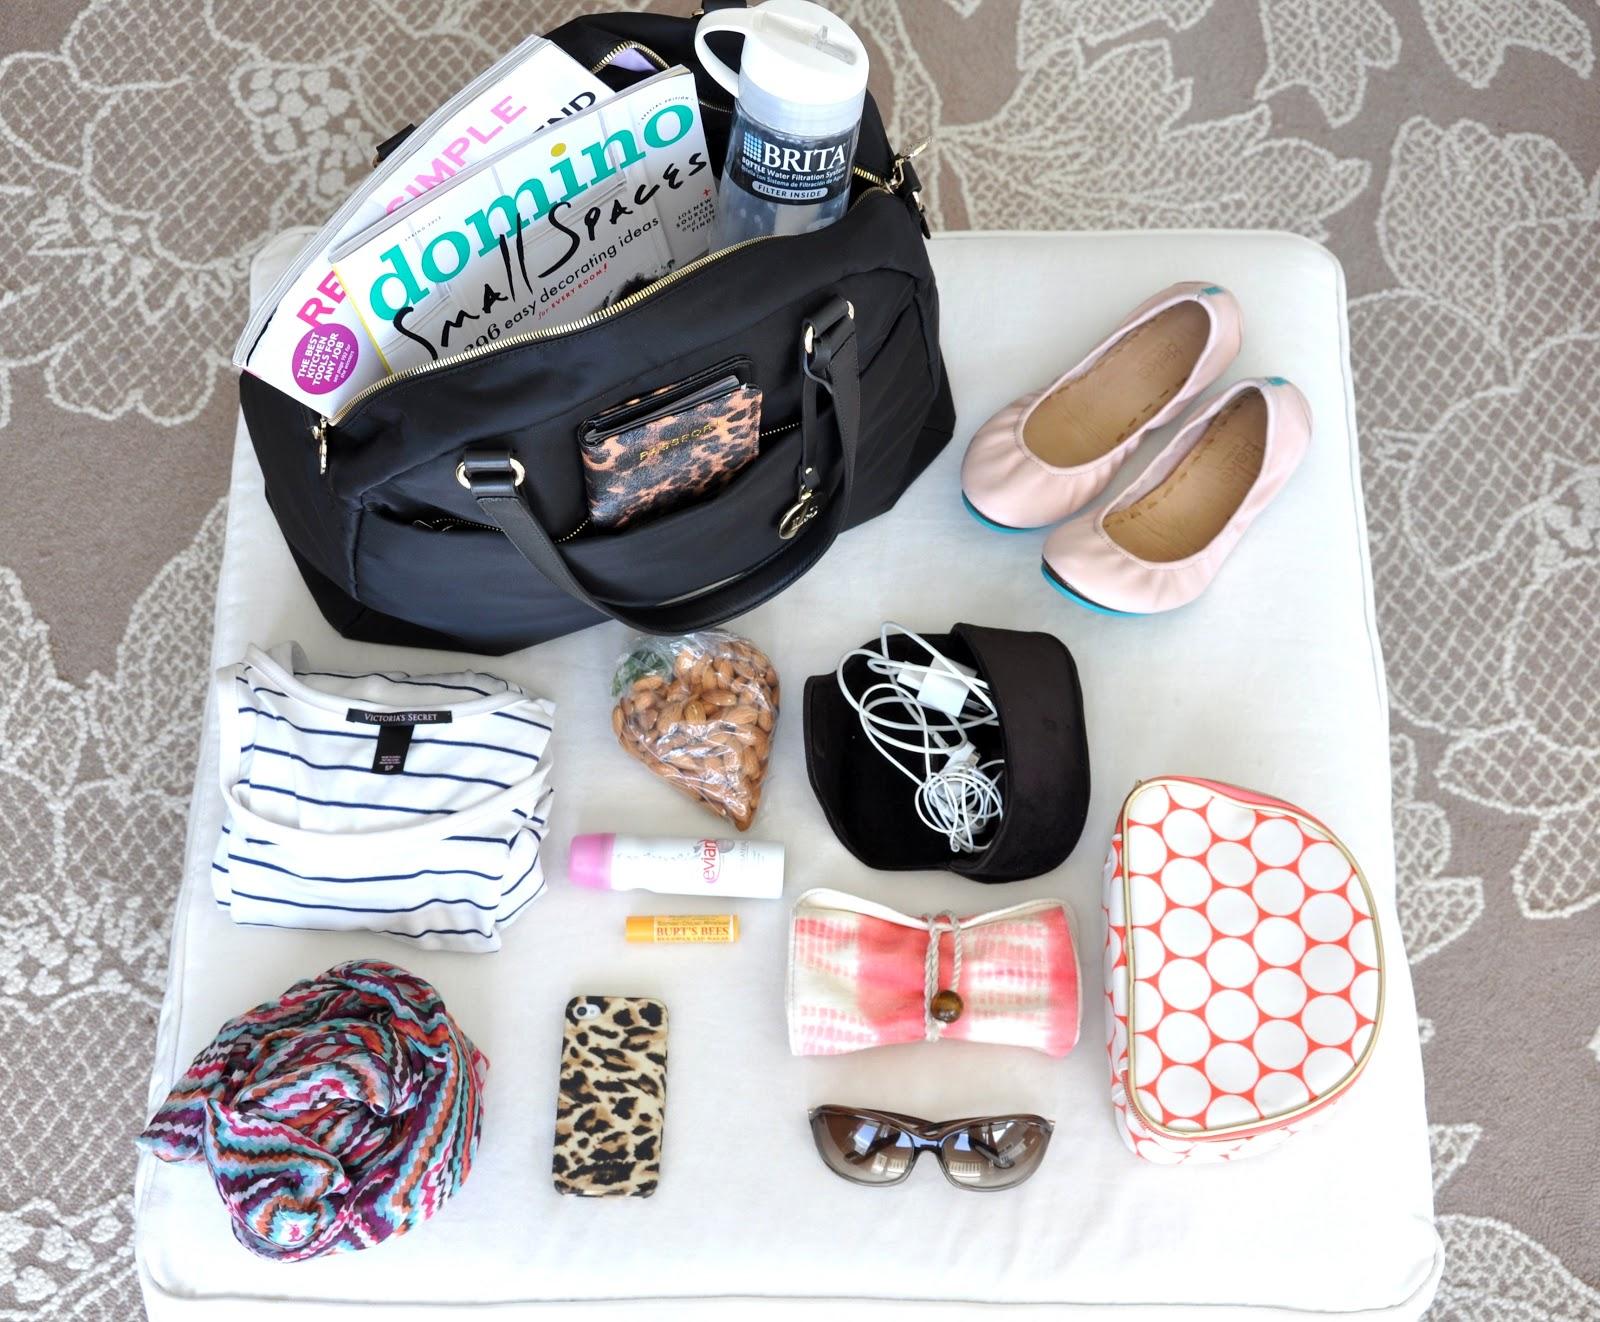 a5c3ab1db0420 تنظيم حقيبة السفر خطوة مهمة لرحلة سعيدة